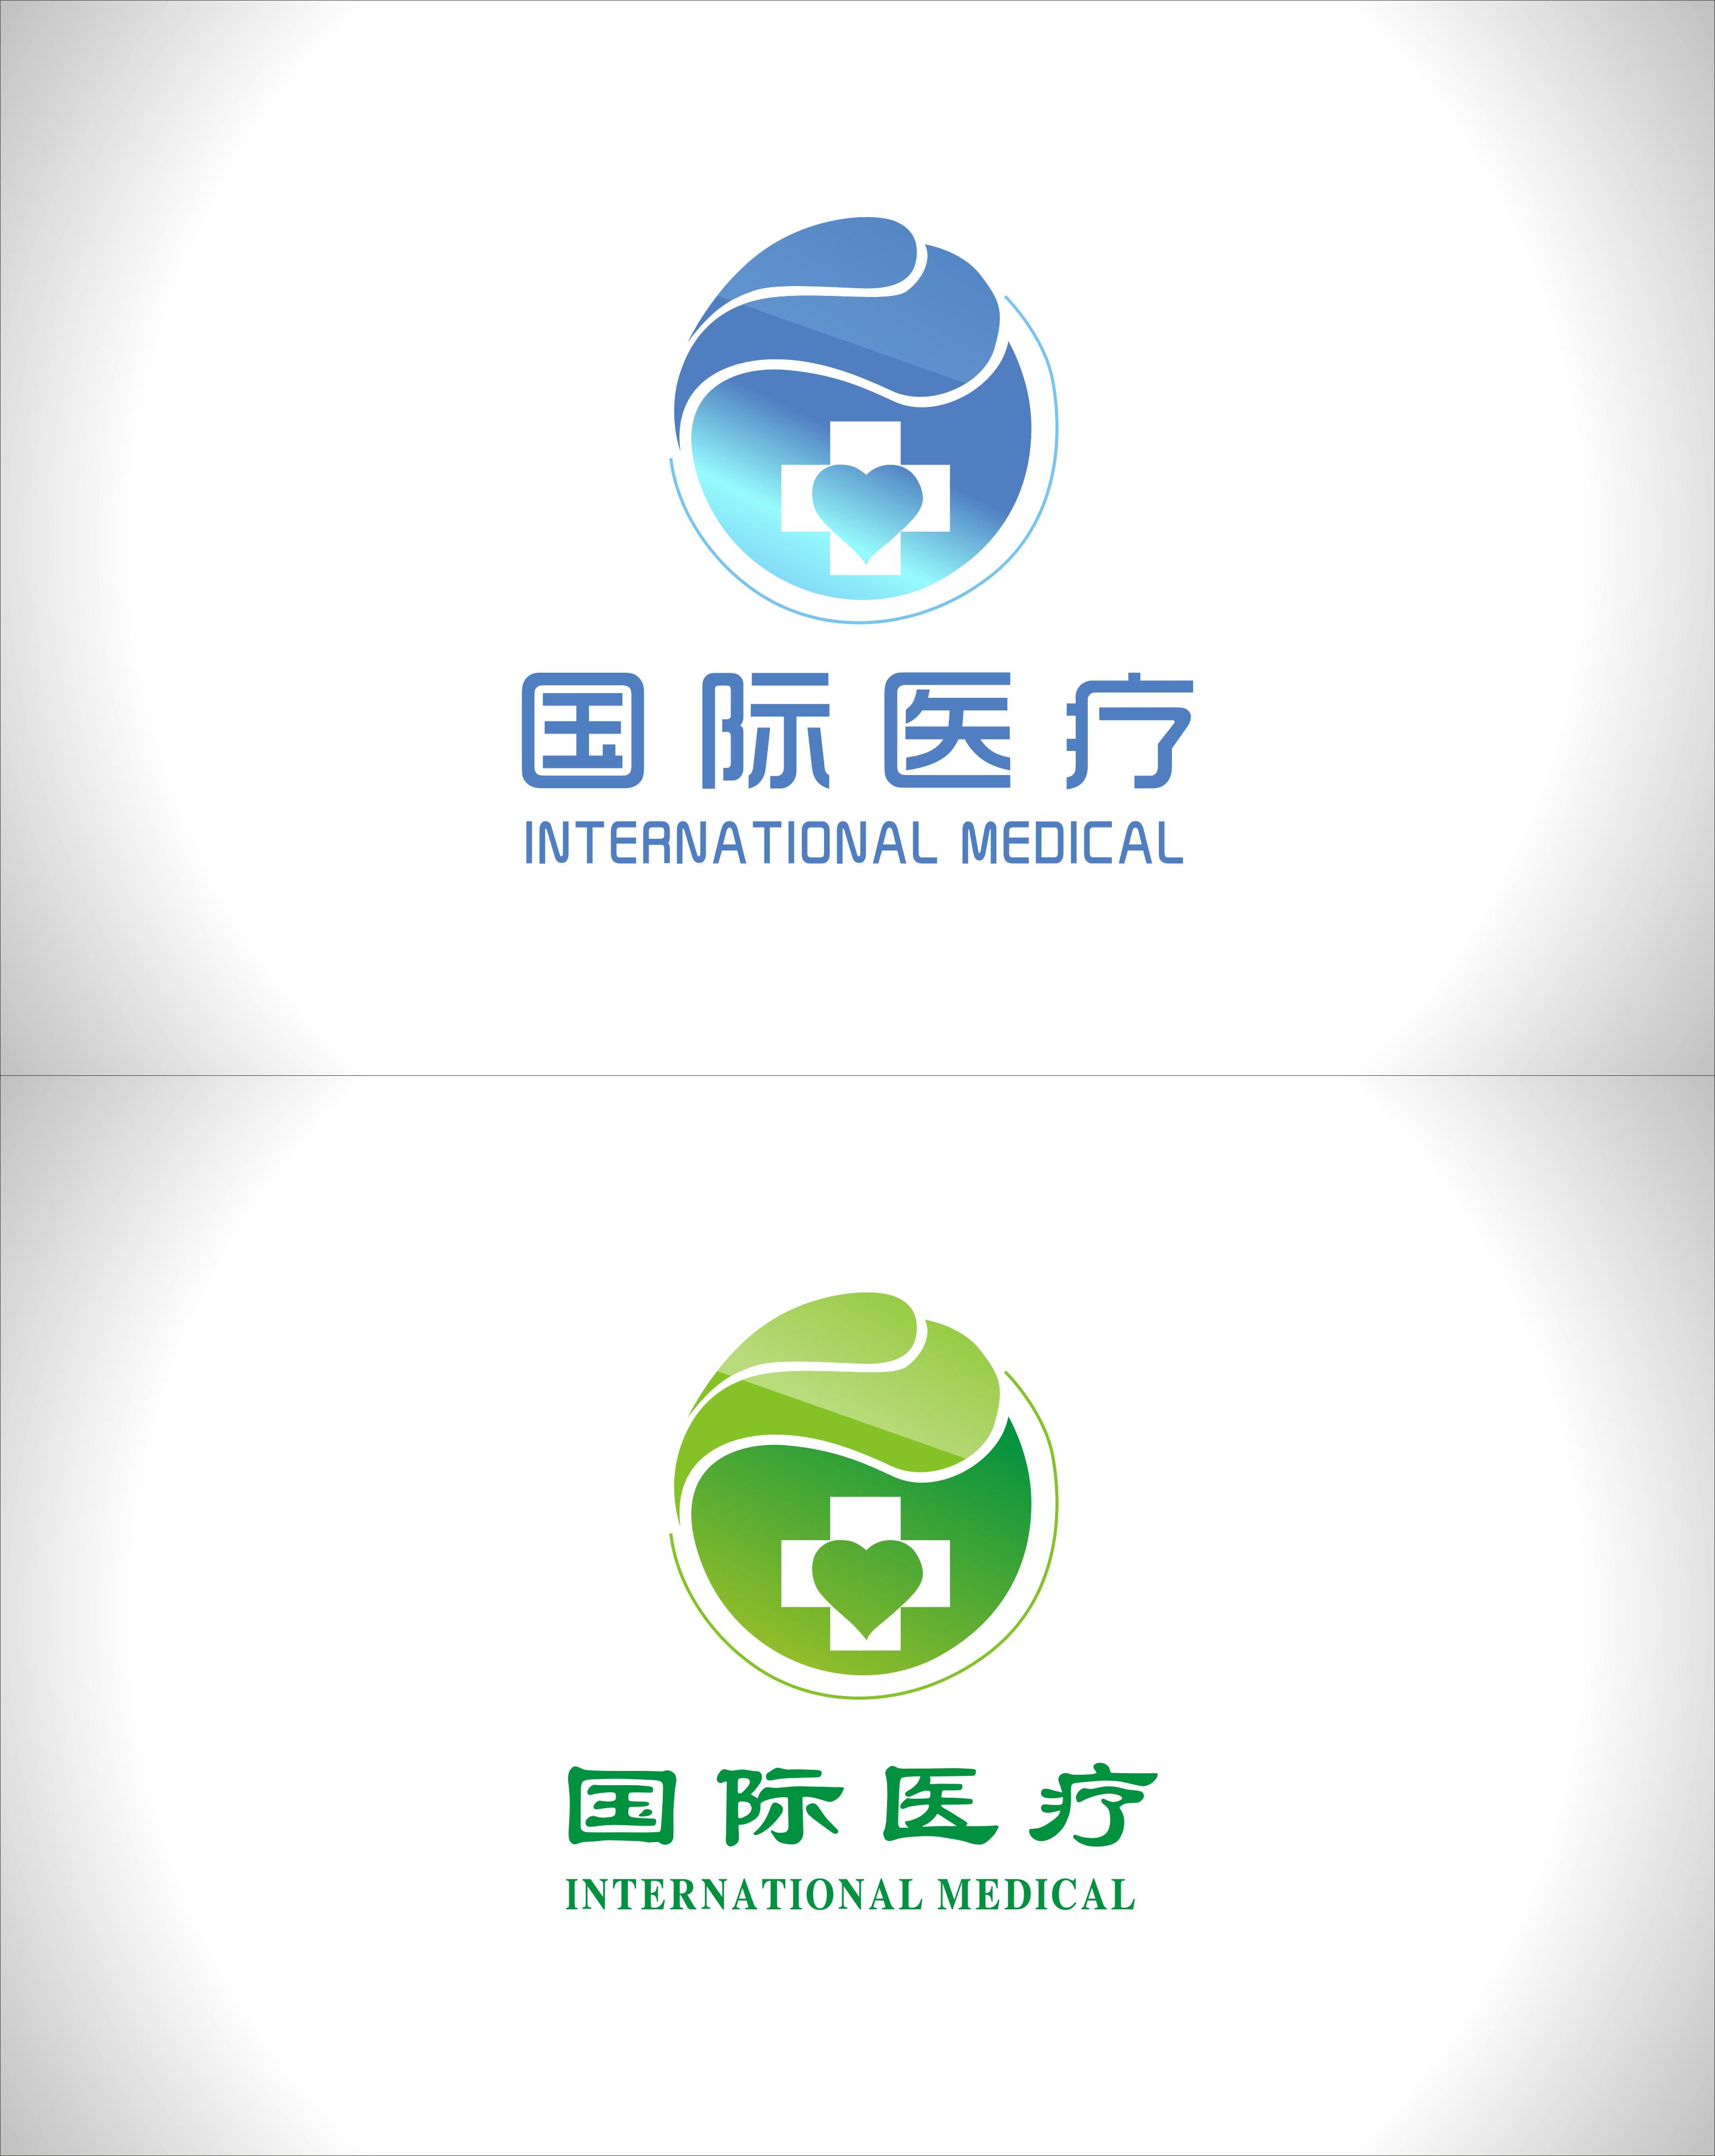 国际医疗公司logo设计